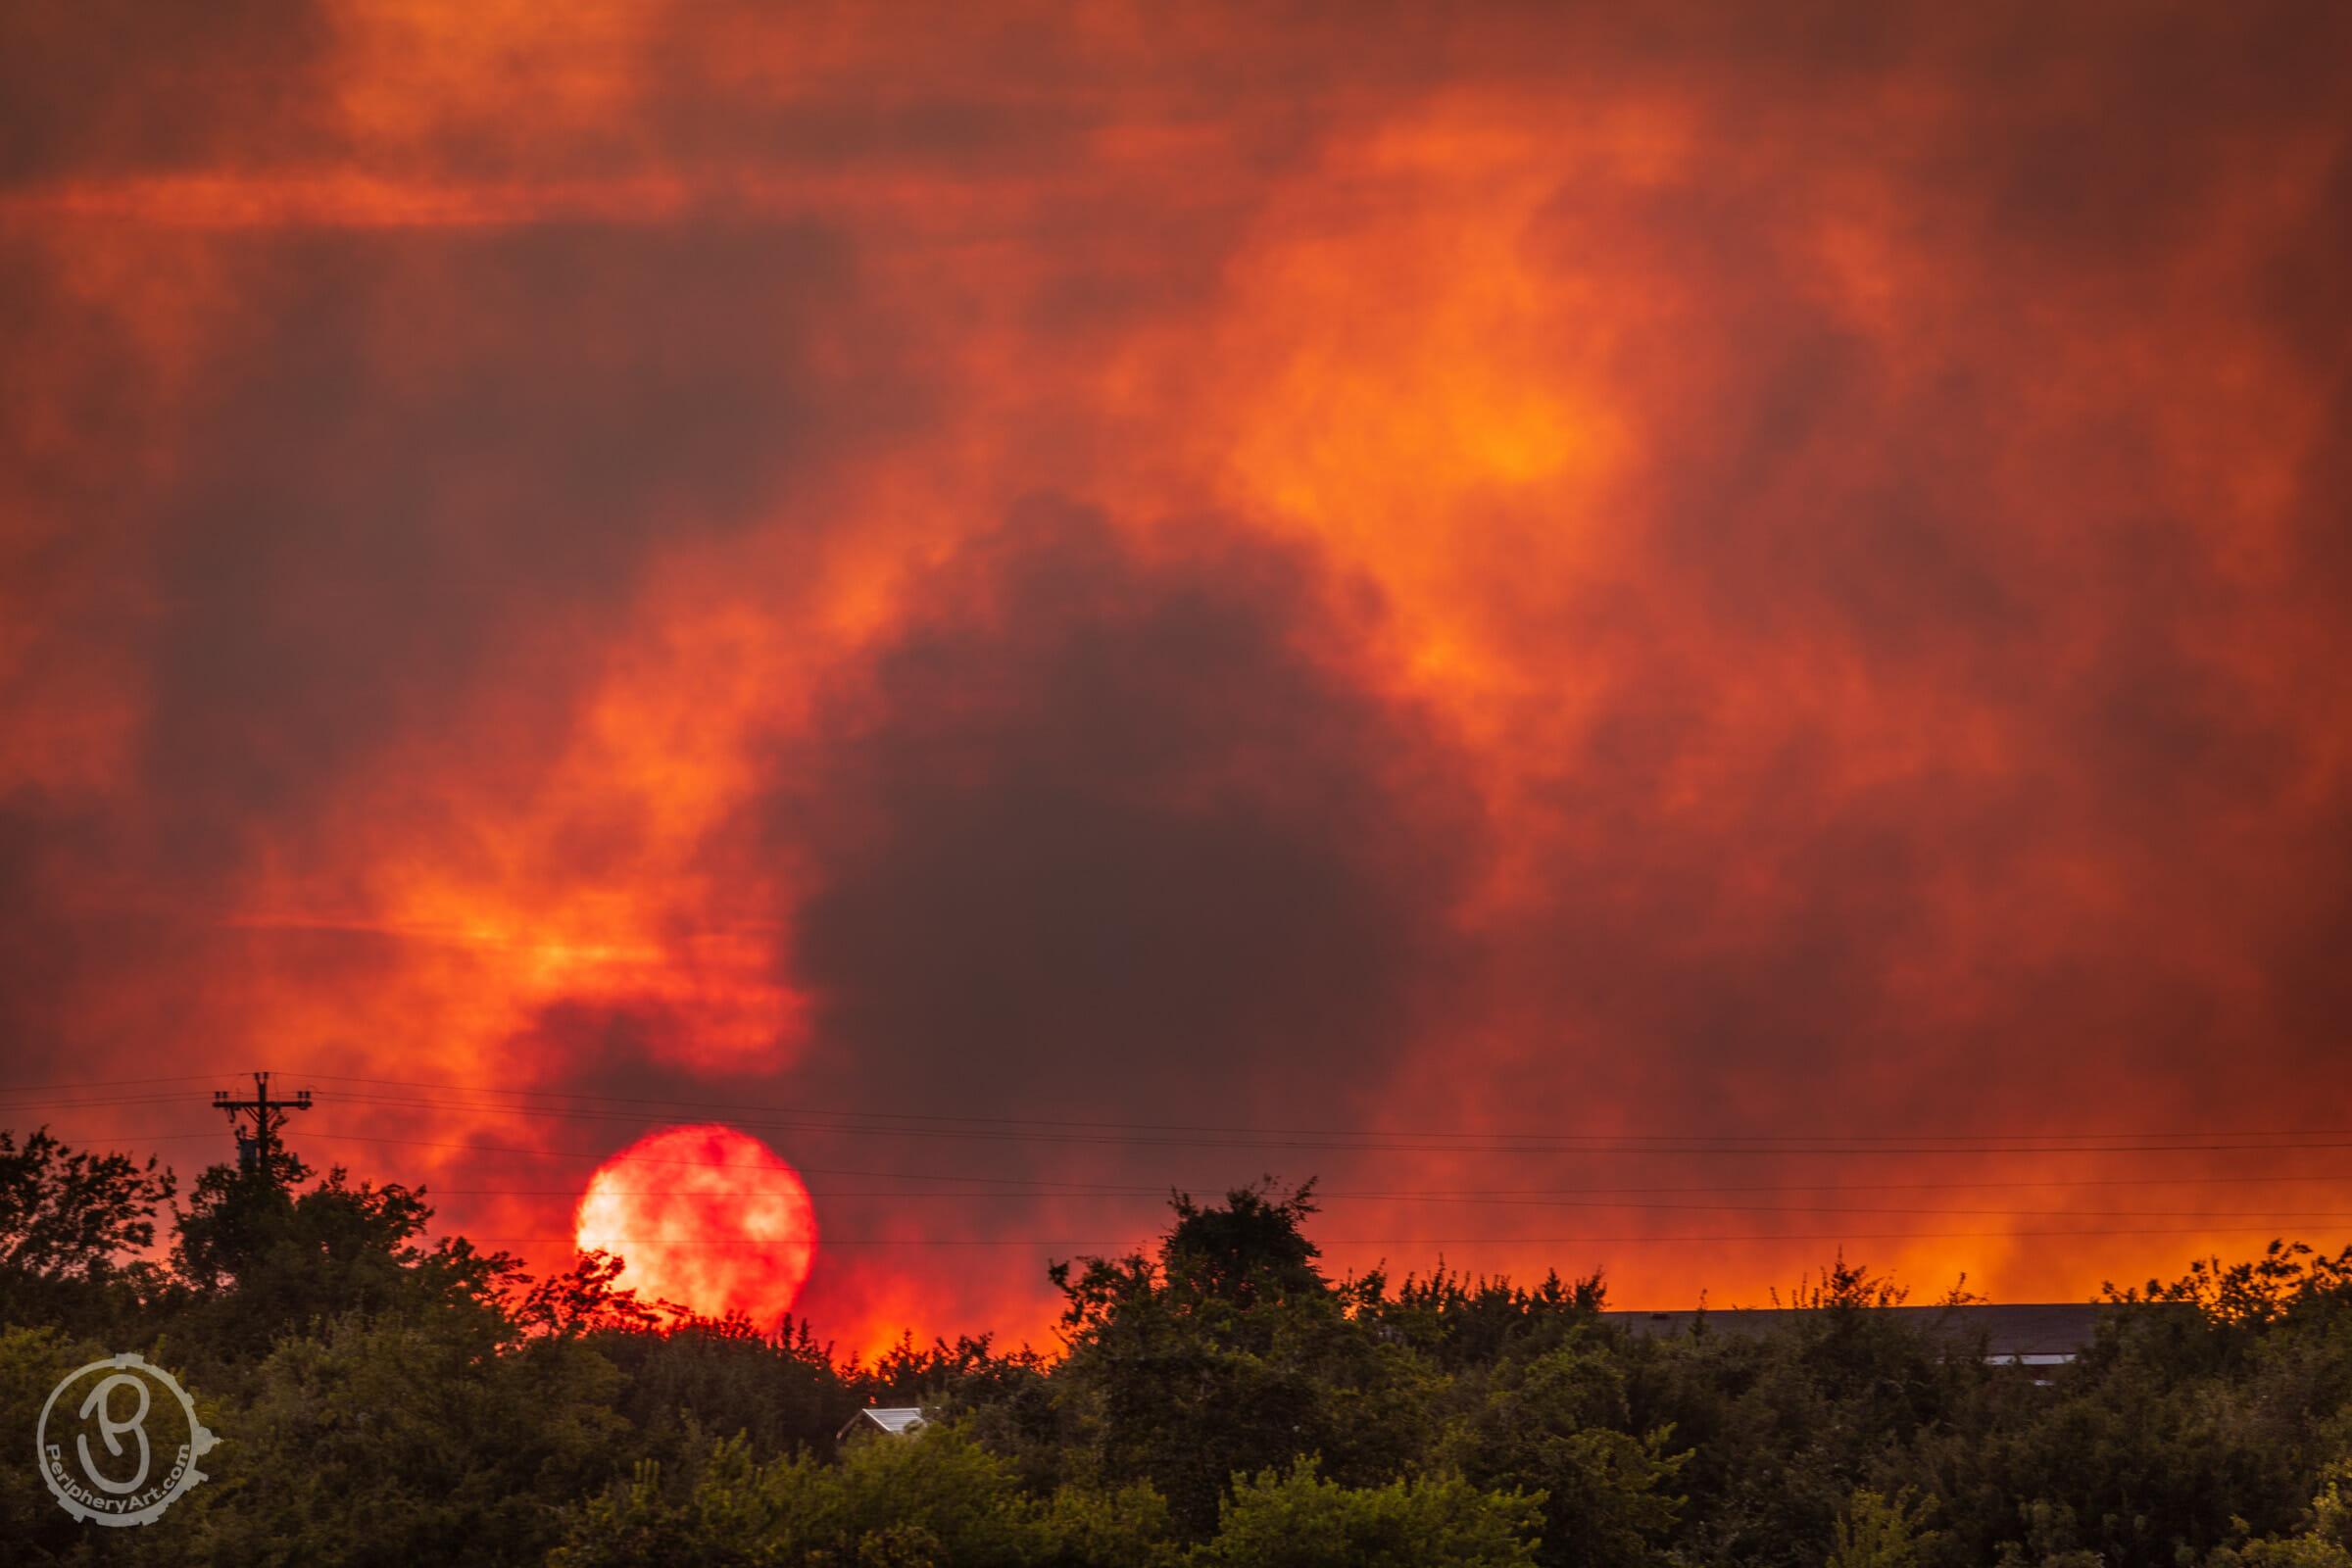 Central Texas grass fire